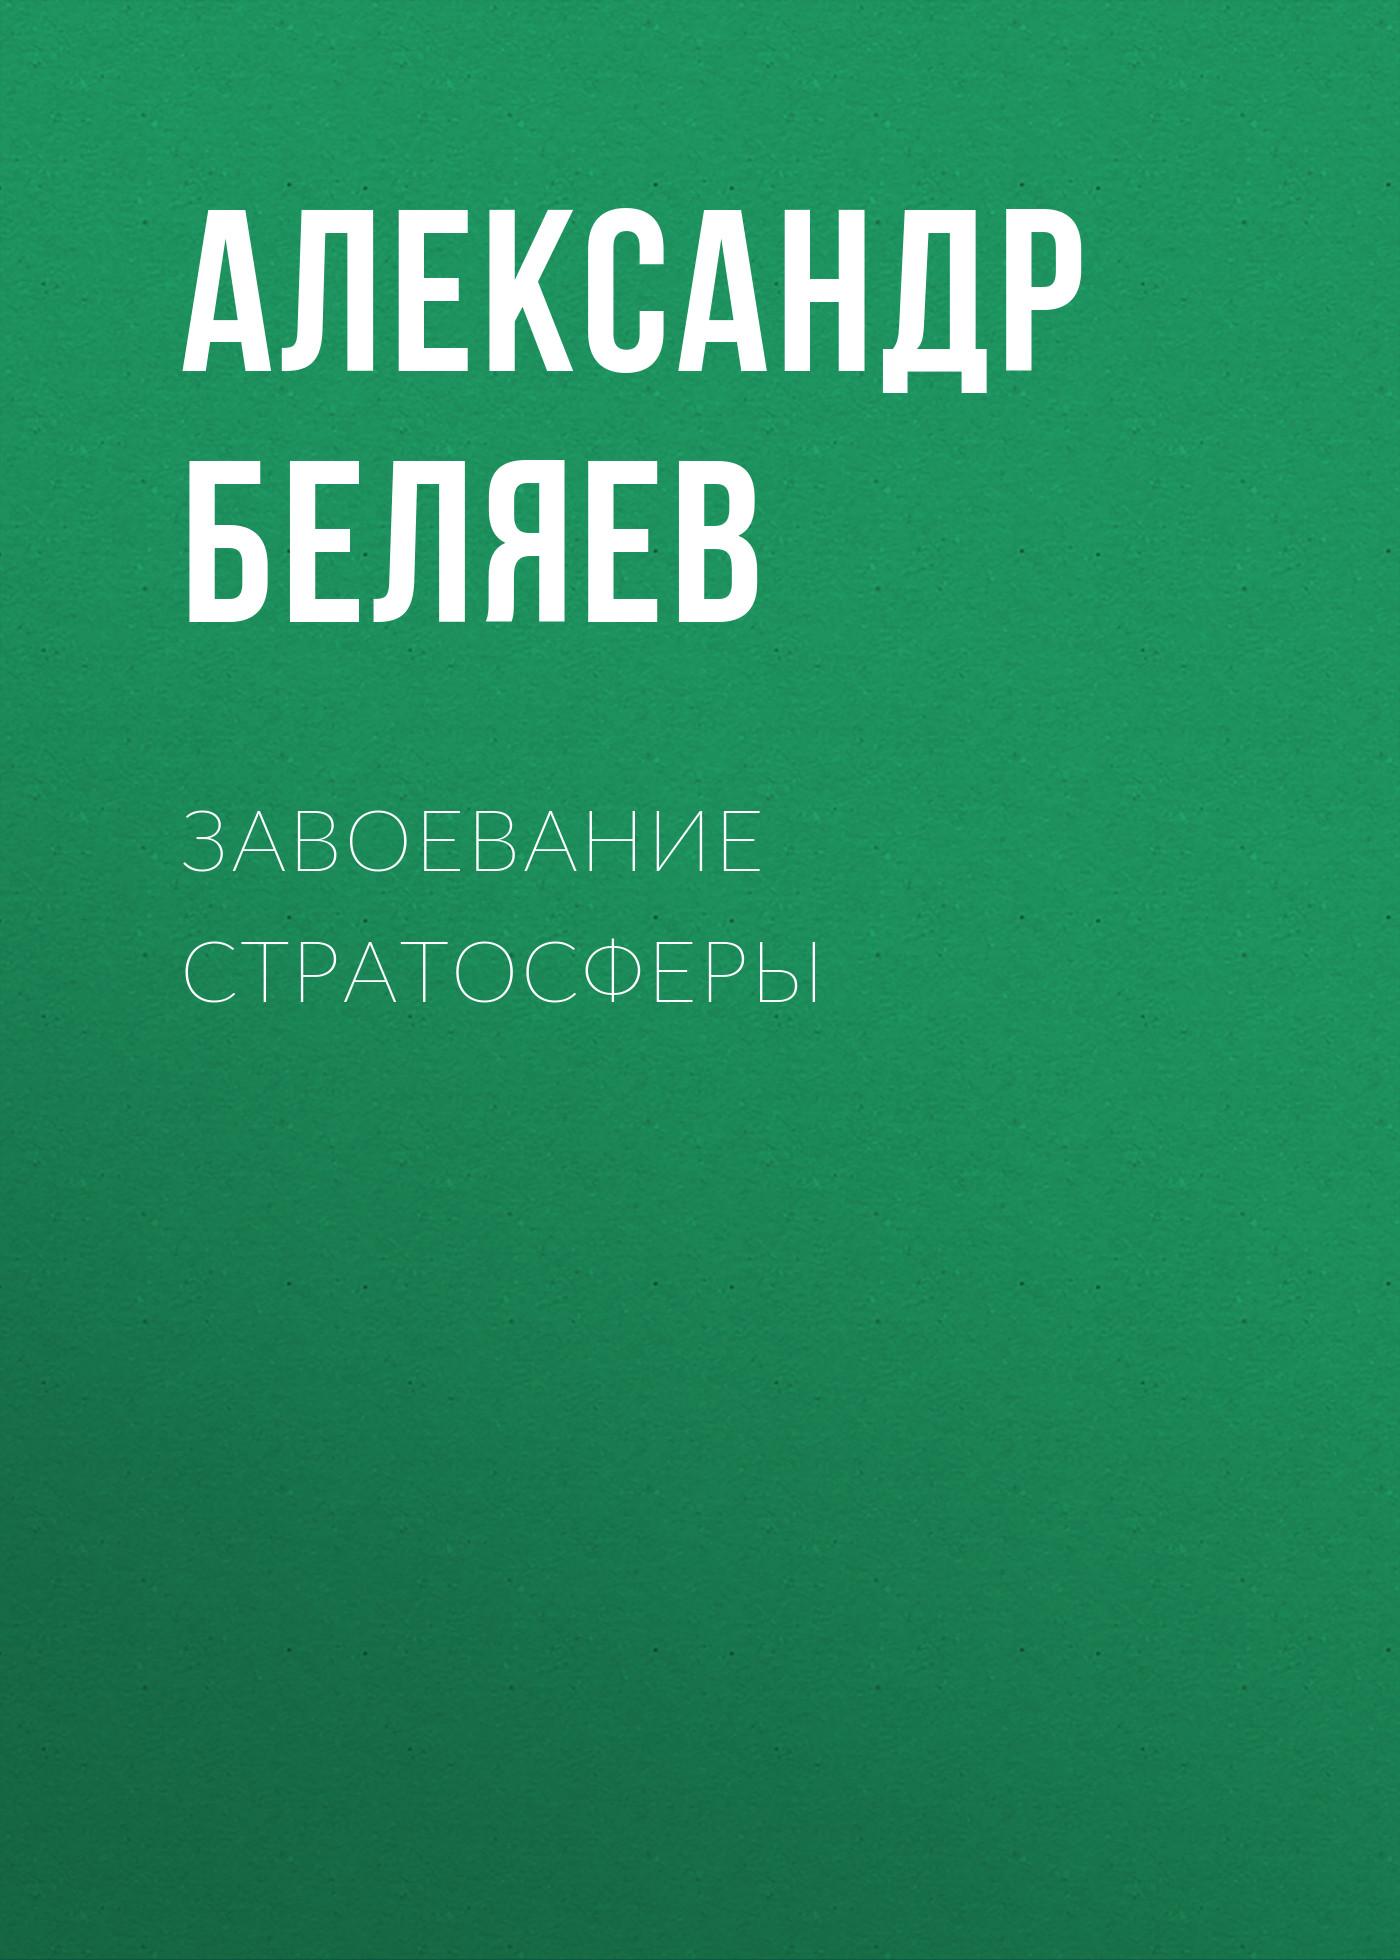 Александр Беляев Завоевание стратосферы